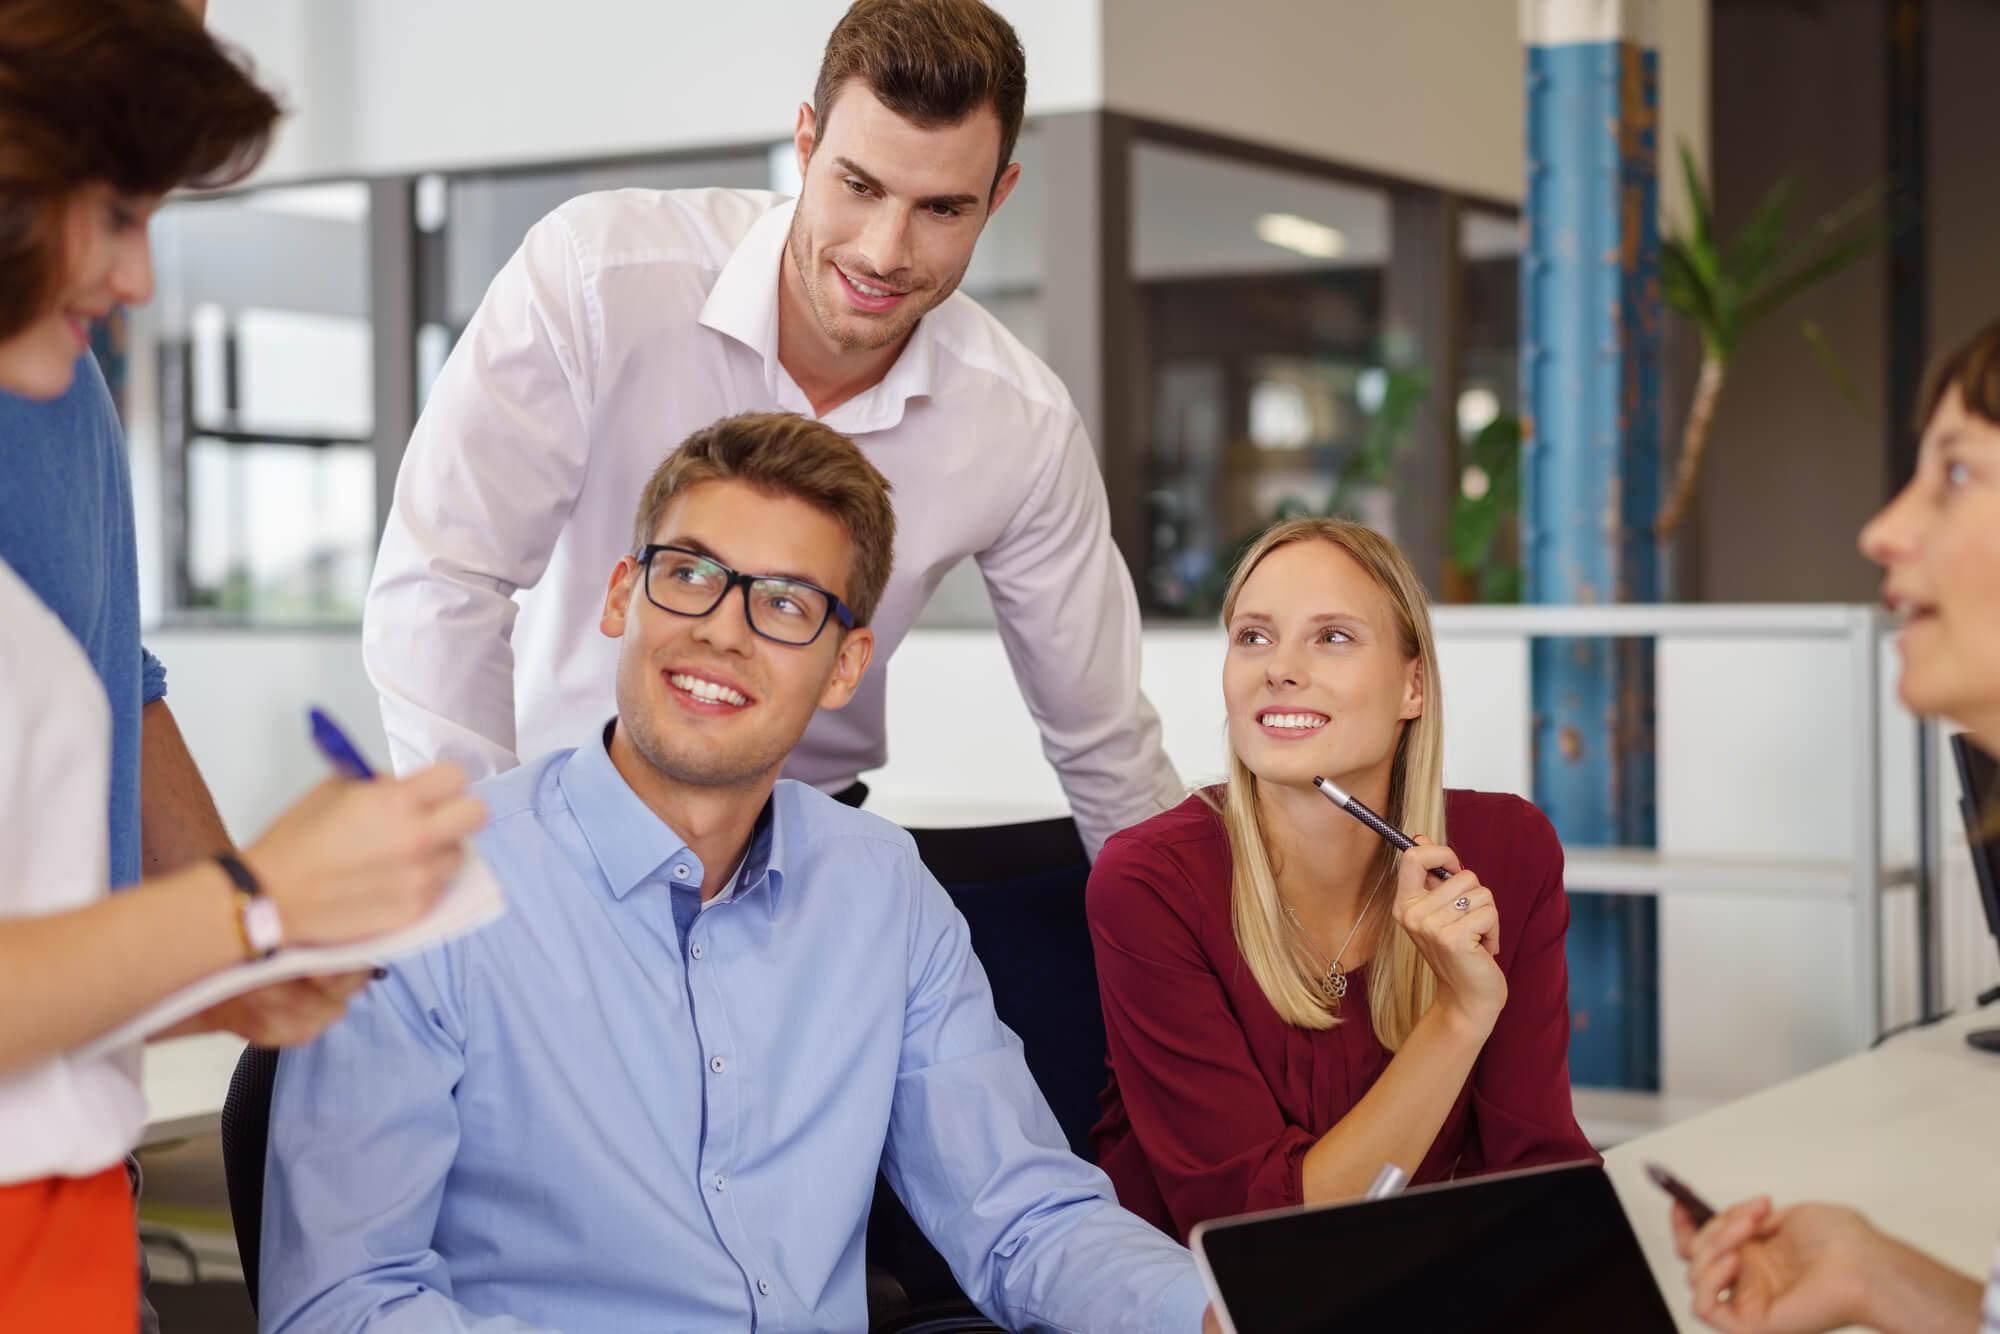 Papel de liderança: por que os líderes precisam estar treinados e engajados?